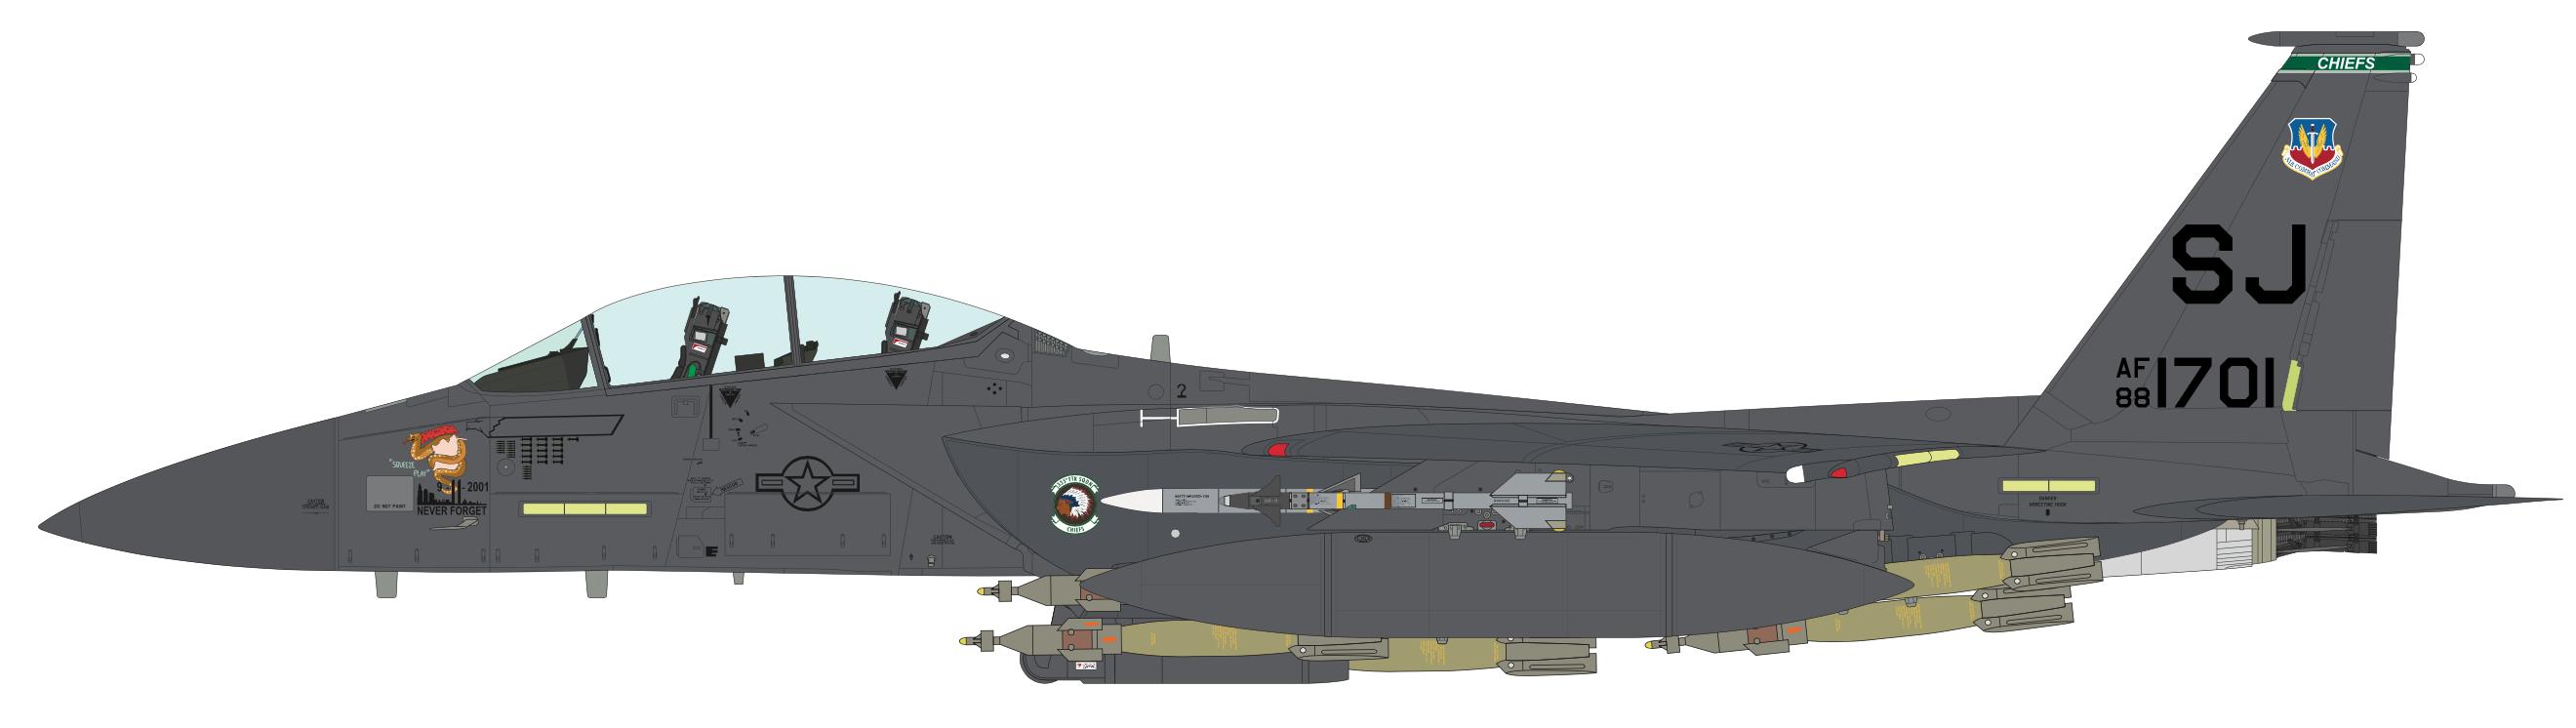 F-15E 335 ANACONDA